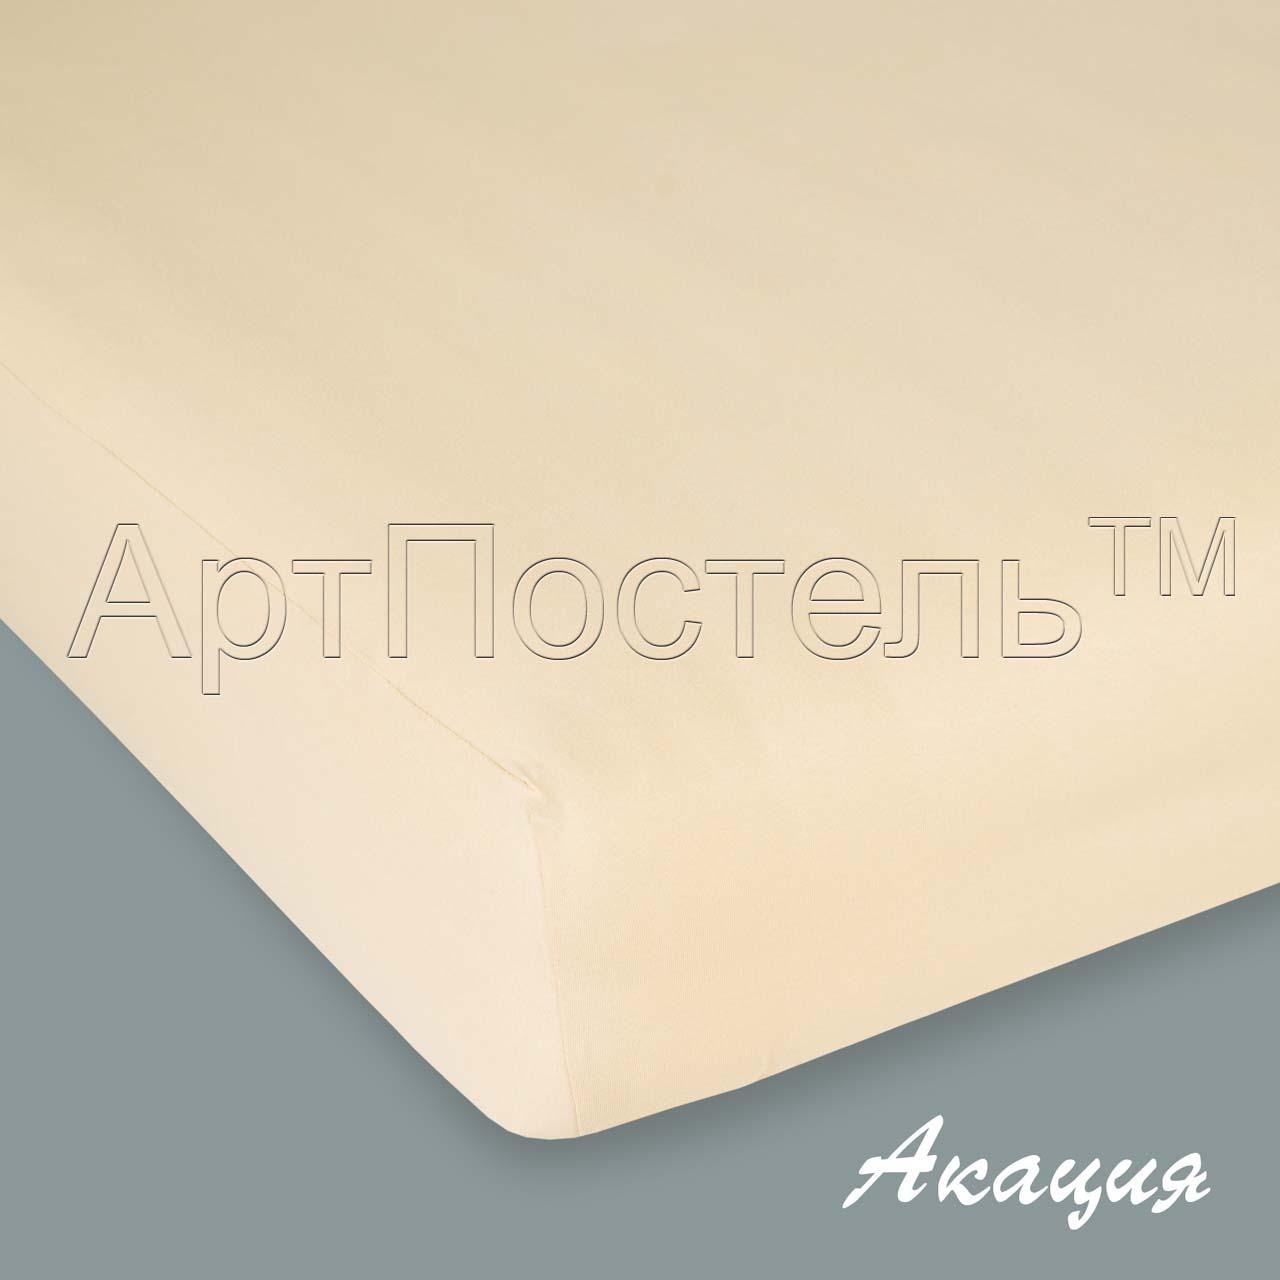 Простыня на резинке Акация, размер 120х200 смПростыни<br>Плотность ткани: 145 г/кв. м <br>Высота матраса: 20 см<br><br>Тип: Простыня<br>Размер: 120х200<br>Материал: Кулирка